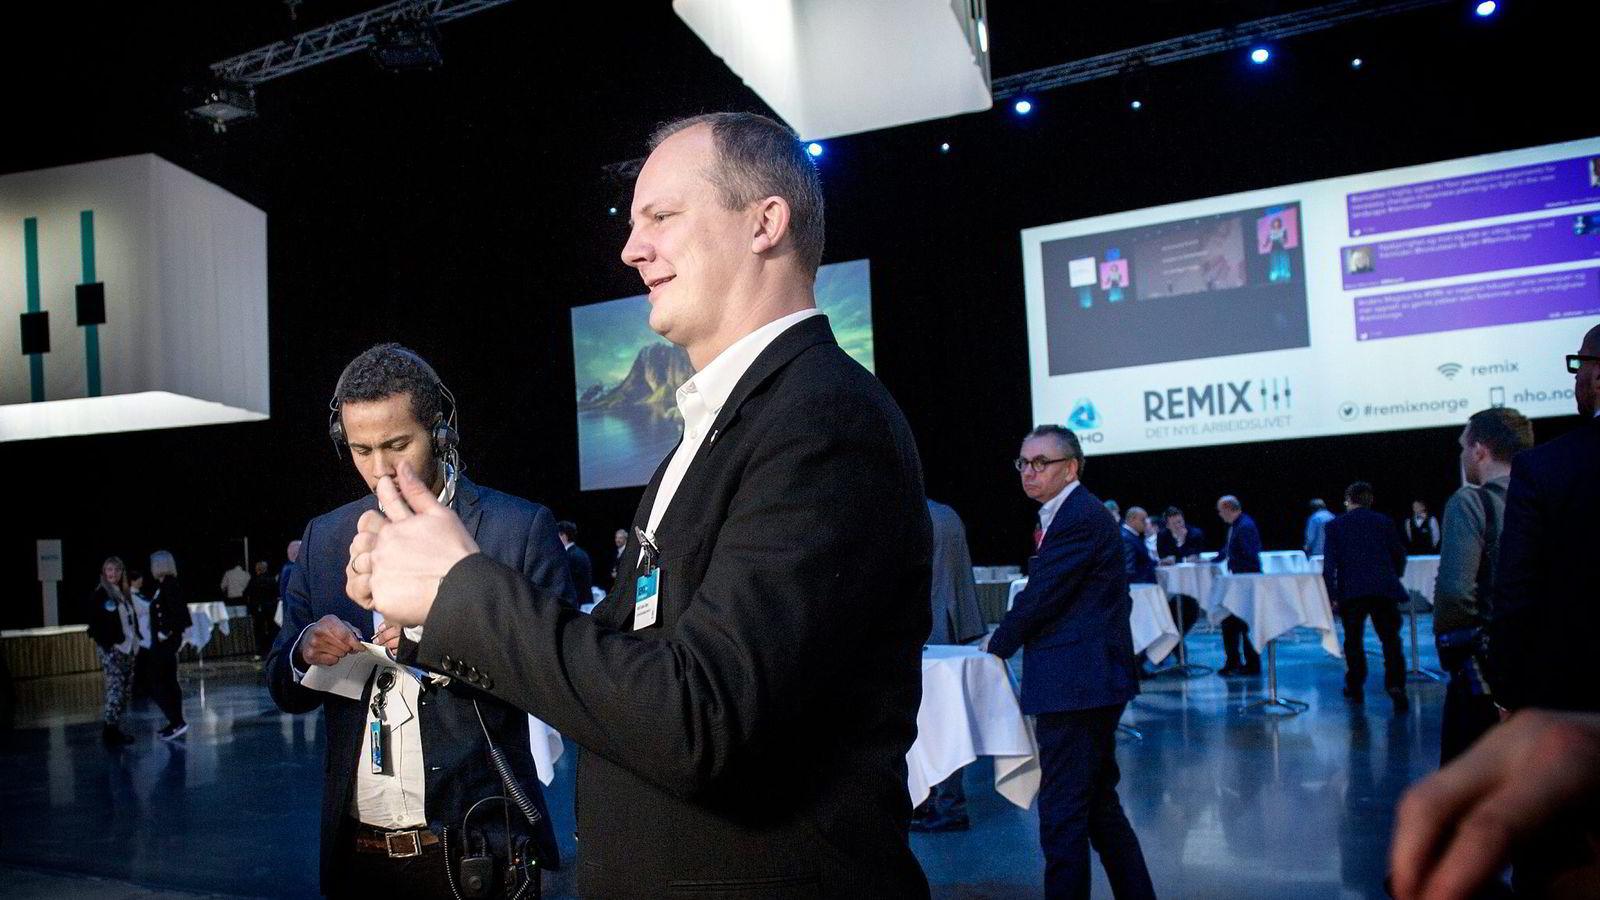 Samferdselsminister Ketil Solvik-Olsen (Frp) tror førerløse biler kan komme innen fem til ti år.